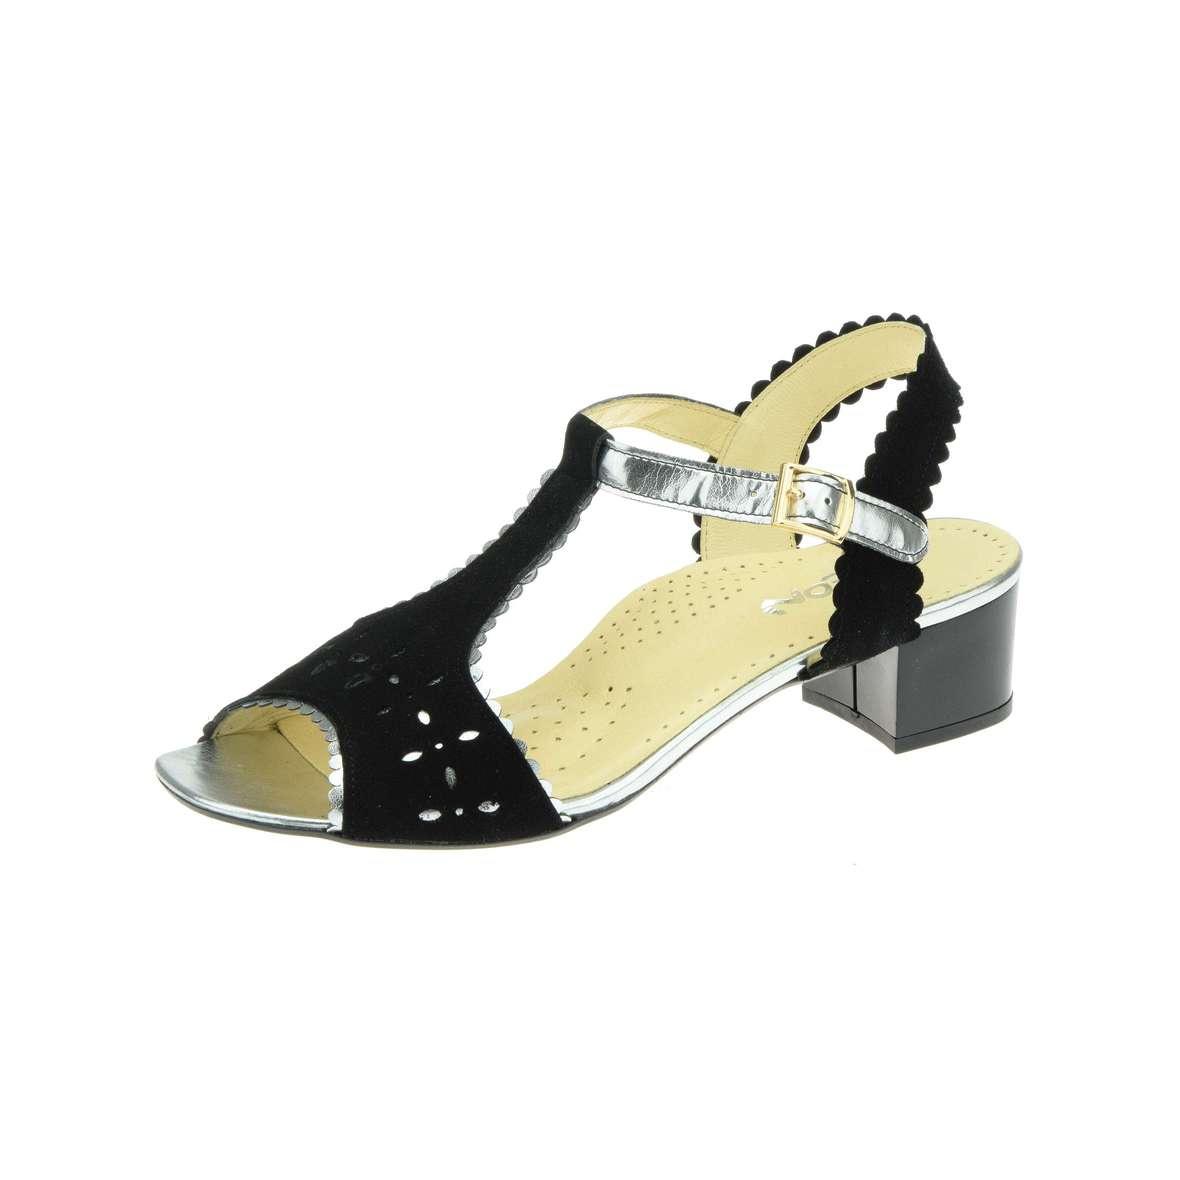 Dámská vycházková sandálka TA 676-1 - PEON 1ab1645c8d